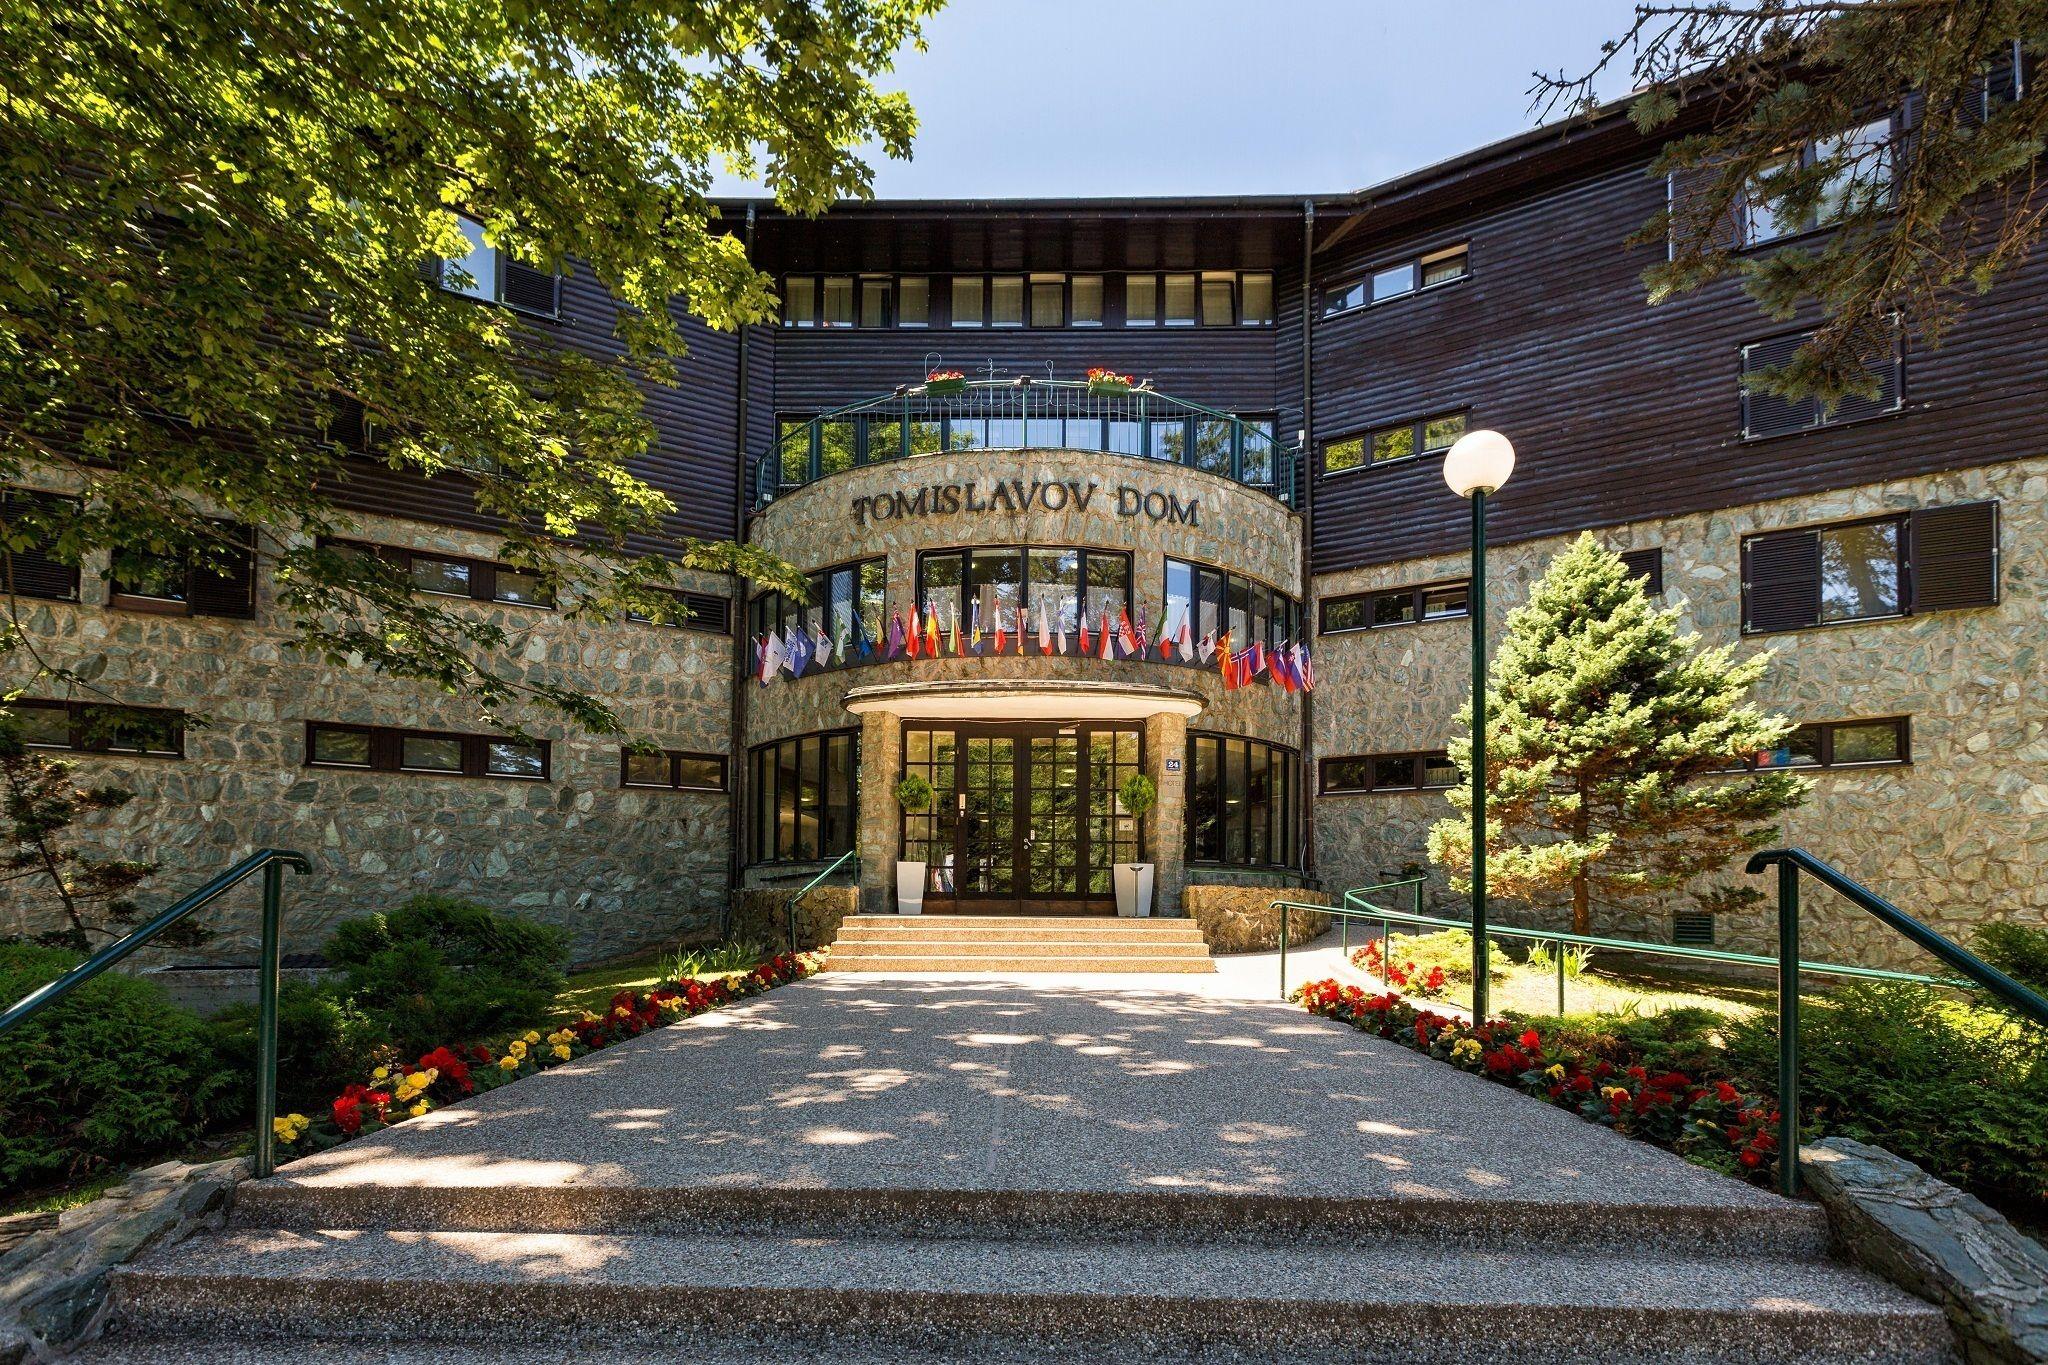 Tomislavov Dom